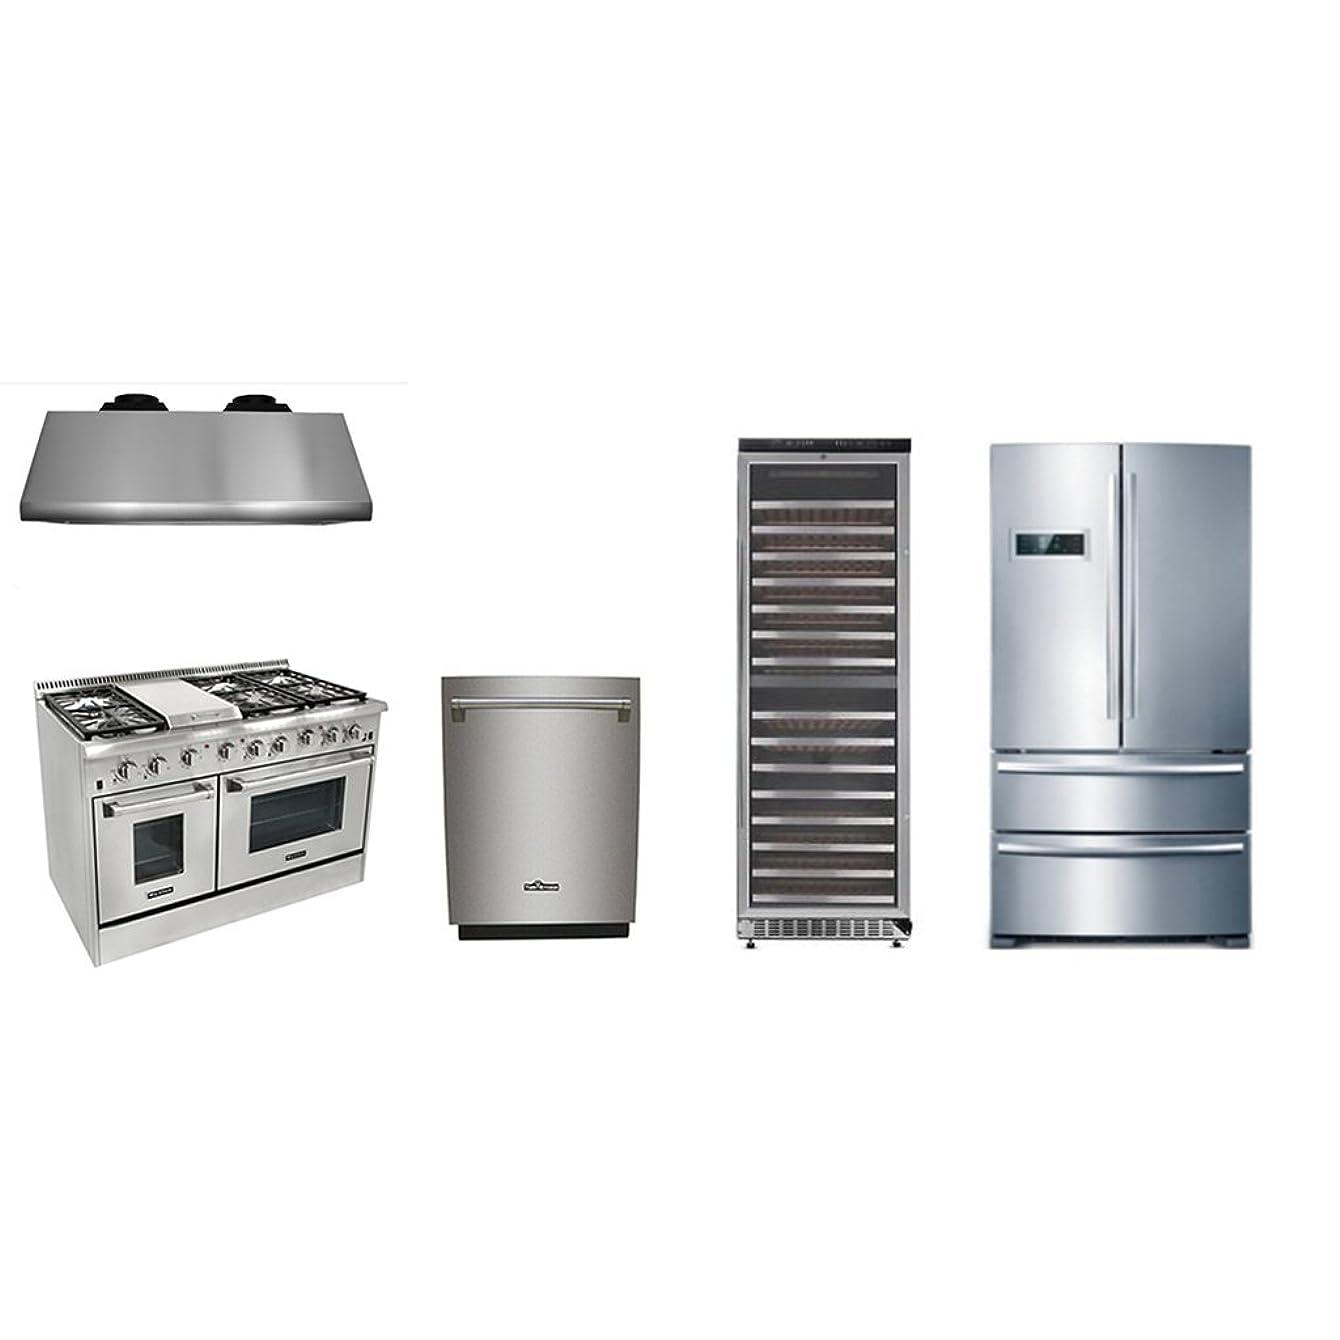 Thor Kitchen 48'' 6 Burner Dual Fuel Range with Double Oven+1200 CFM Range Hood+70''H Refriger+24'' Built-in Dishwasher+156 Bottle Wine cooler